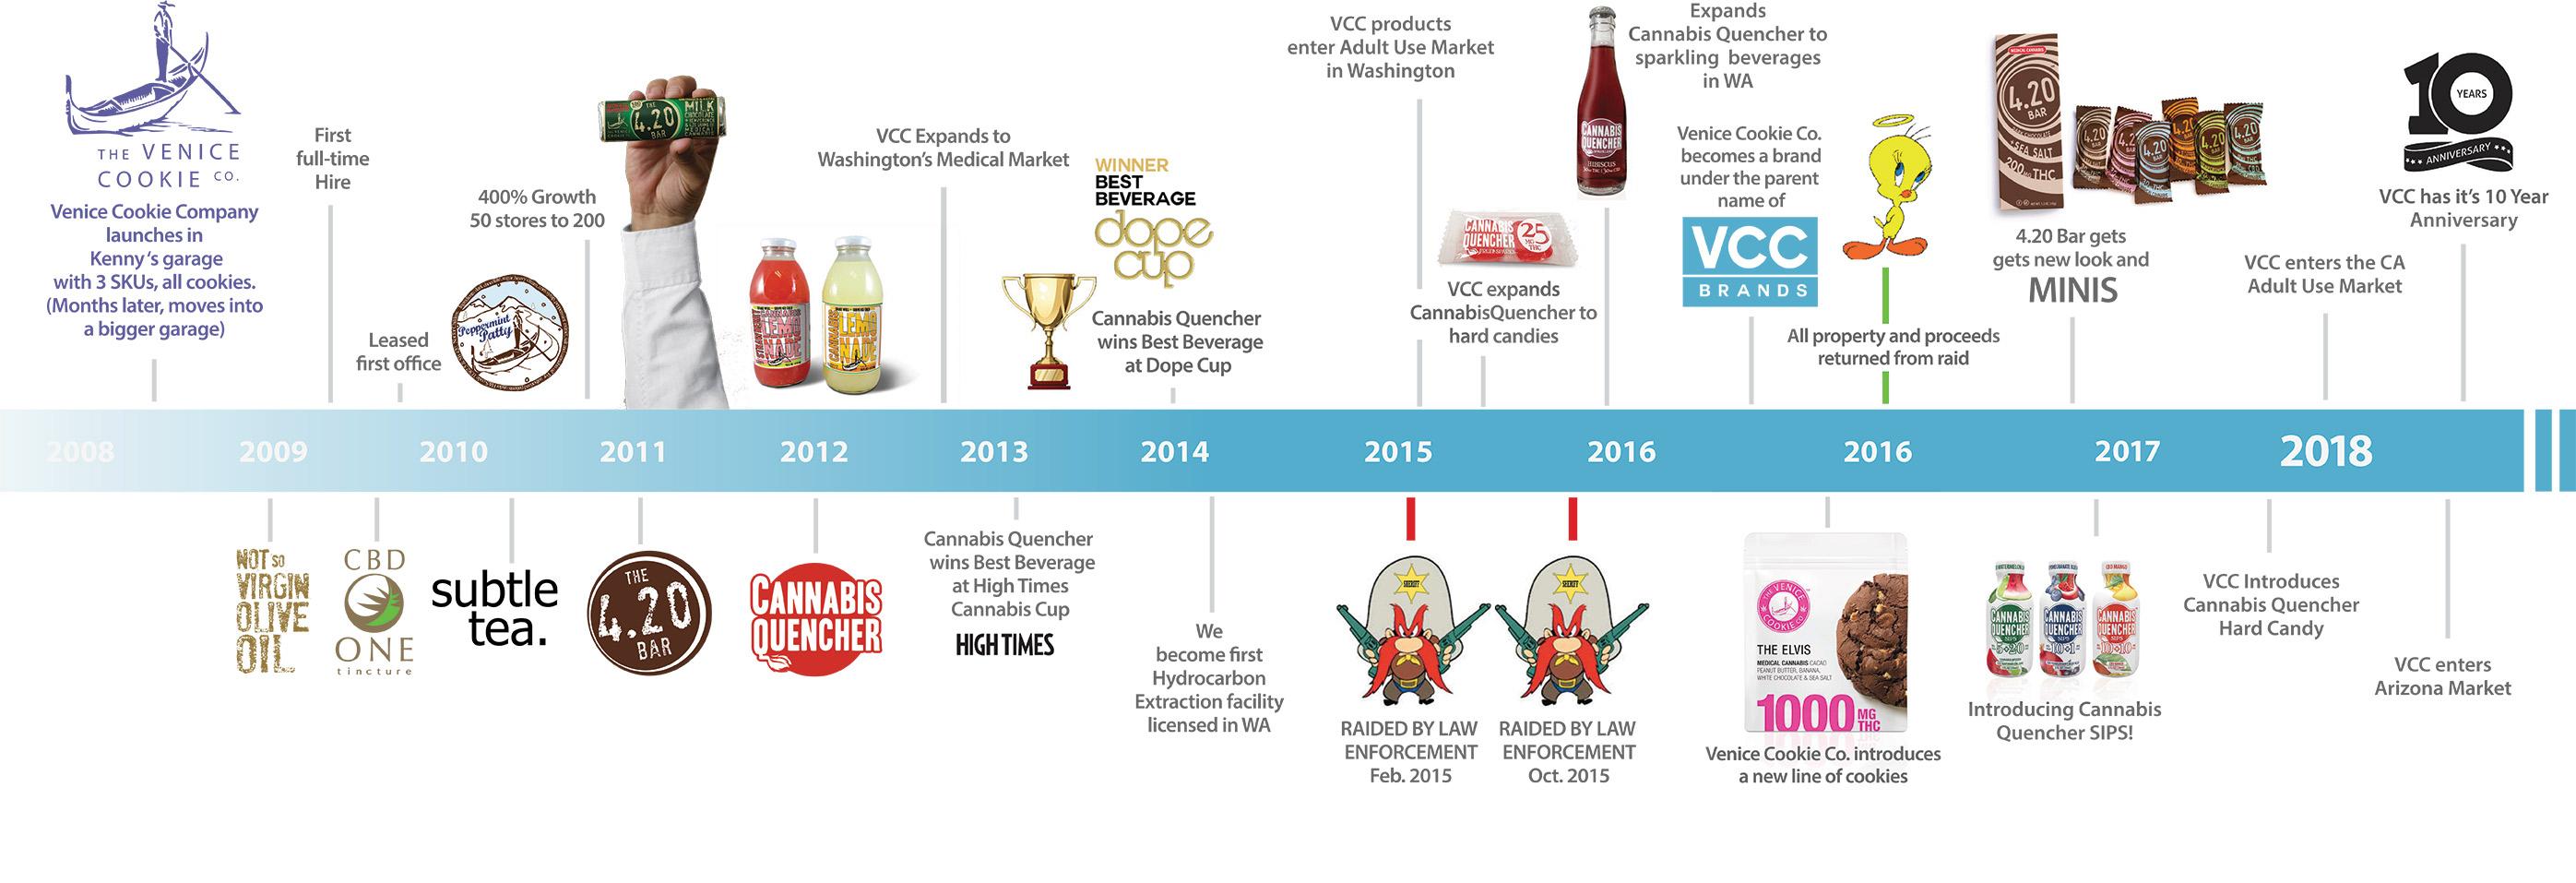 VCC-Brands-Timeline-R8